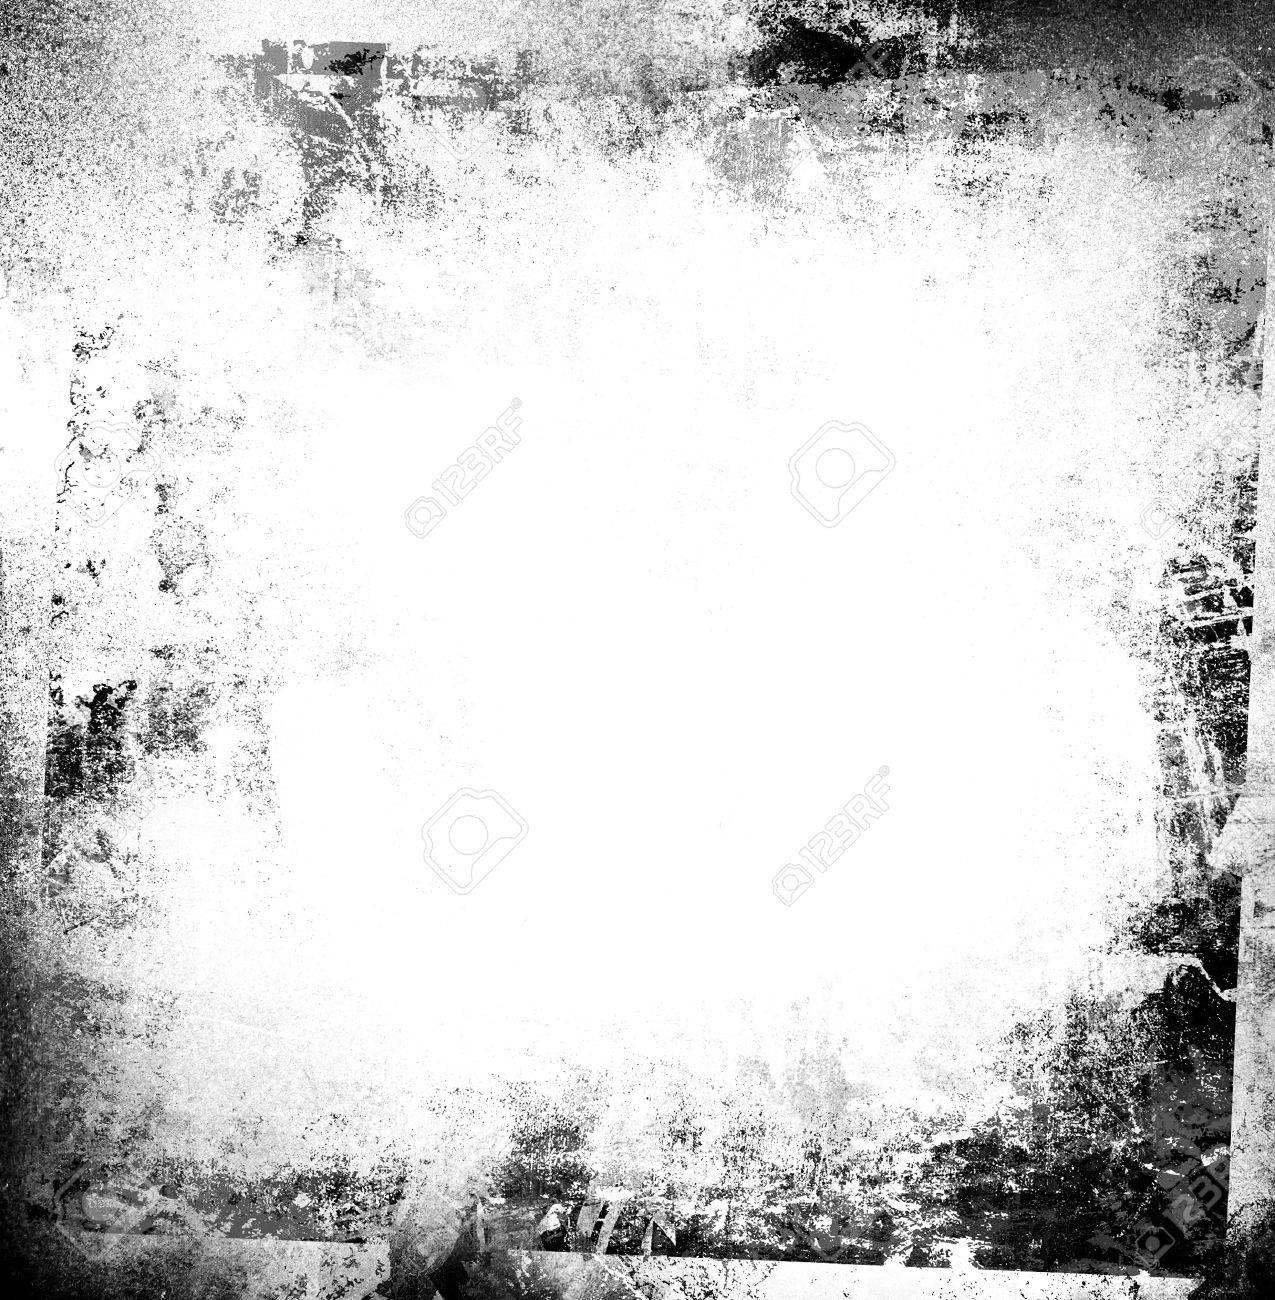 Black and white grunge frame - 31127890